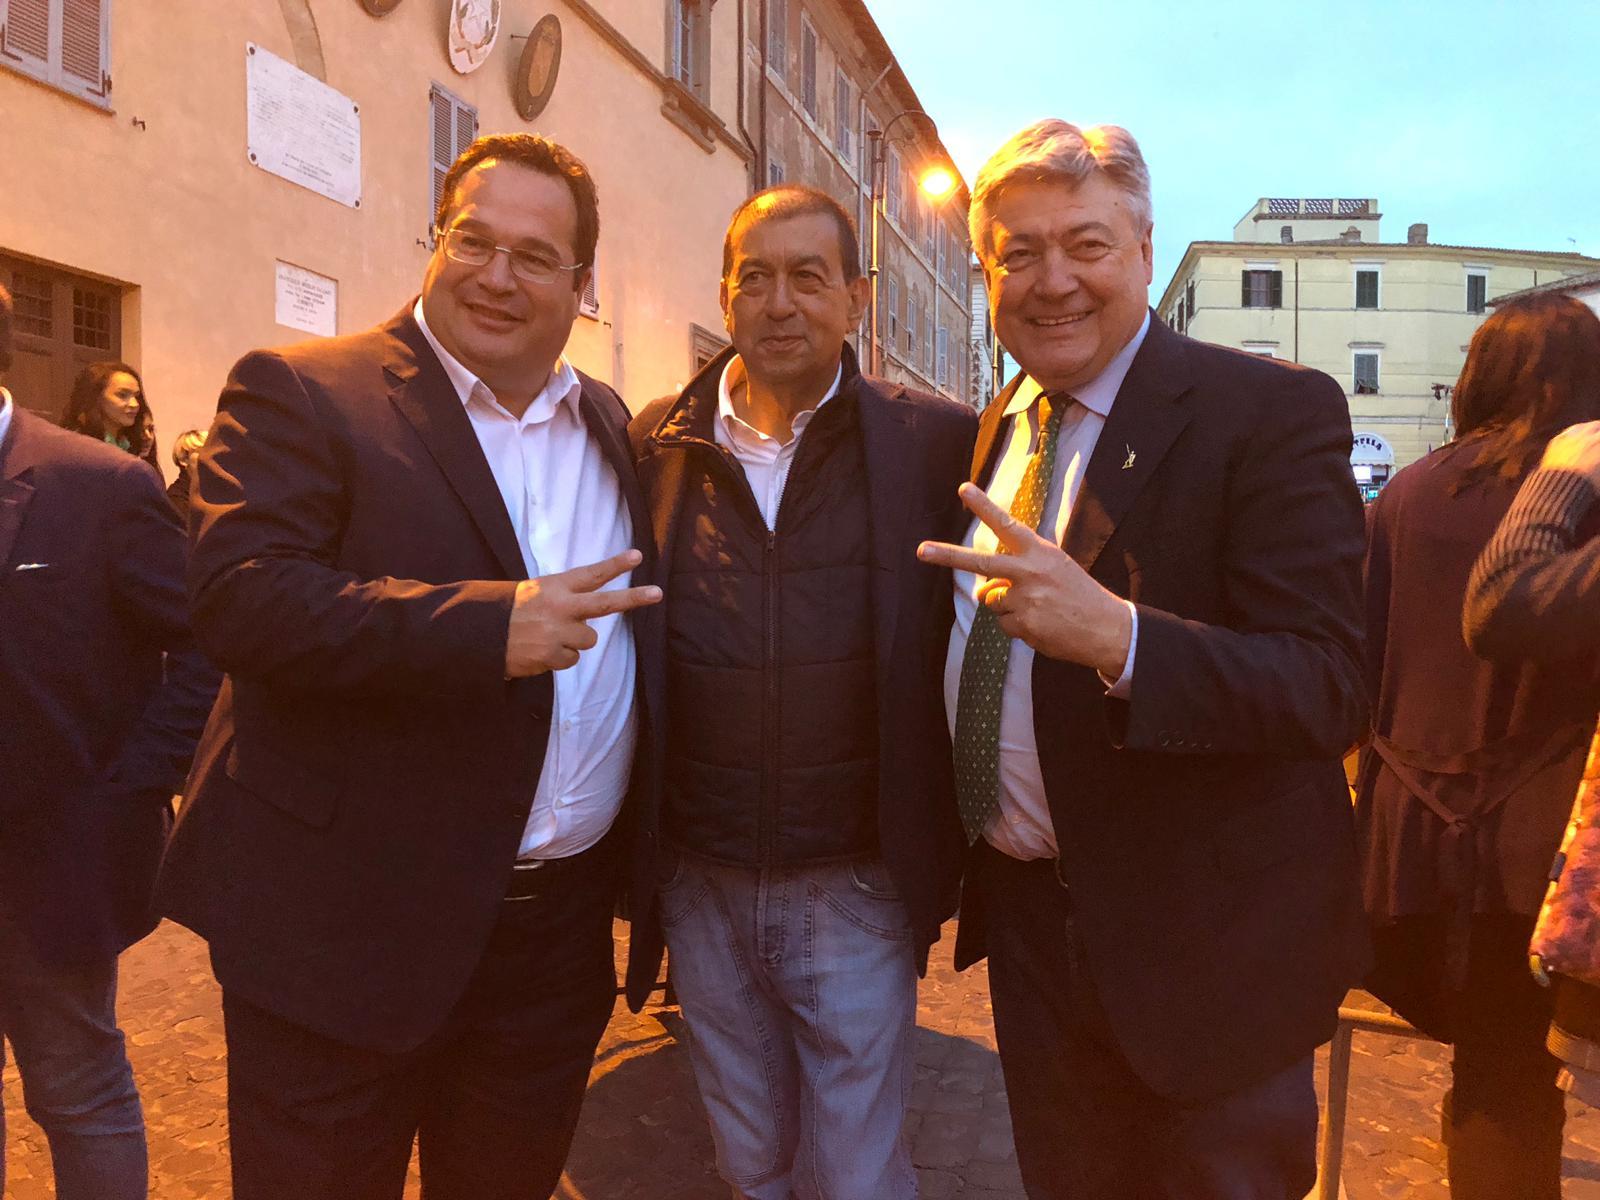 """Lega Viterbo: """"Riaperture dal 26 aprile, una vittoria del buonsenso"""""""